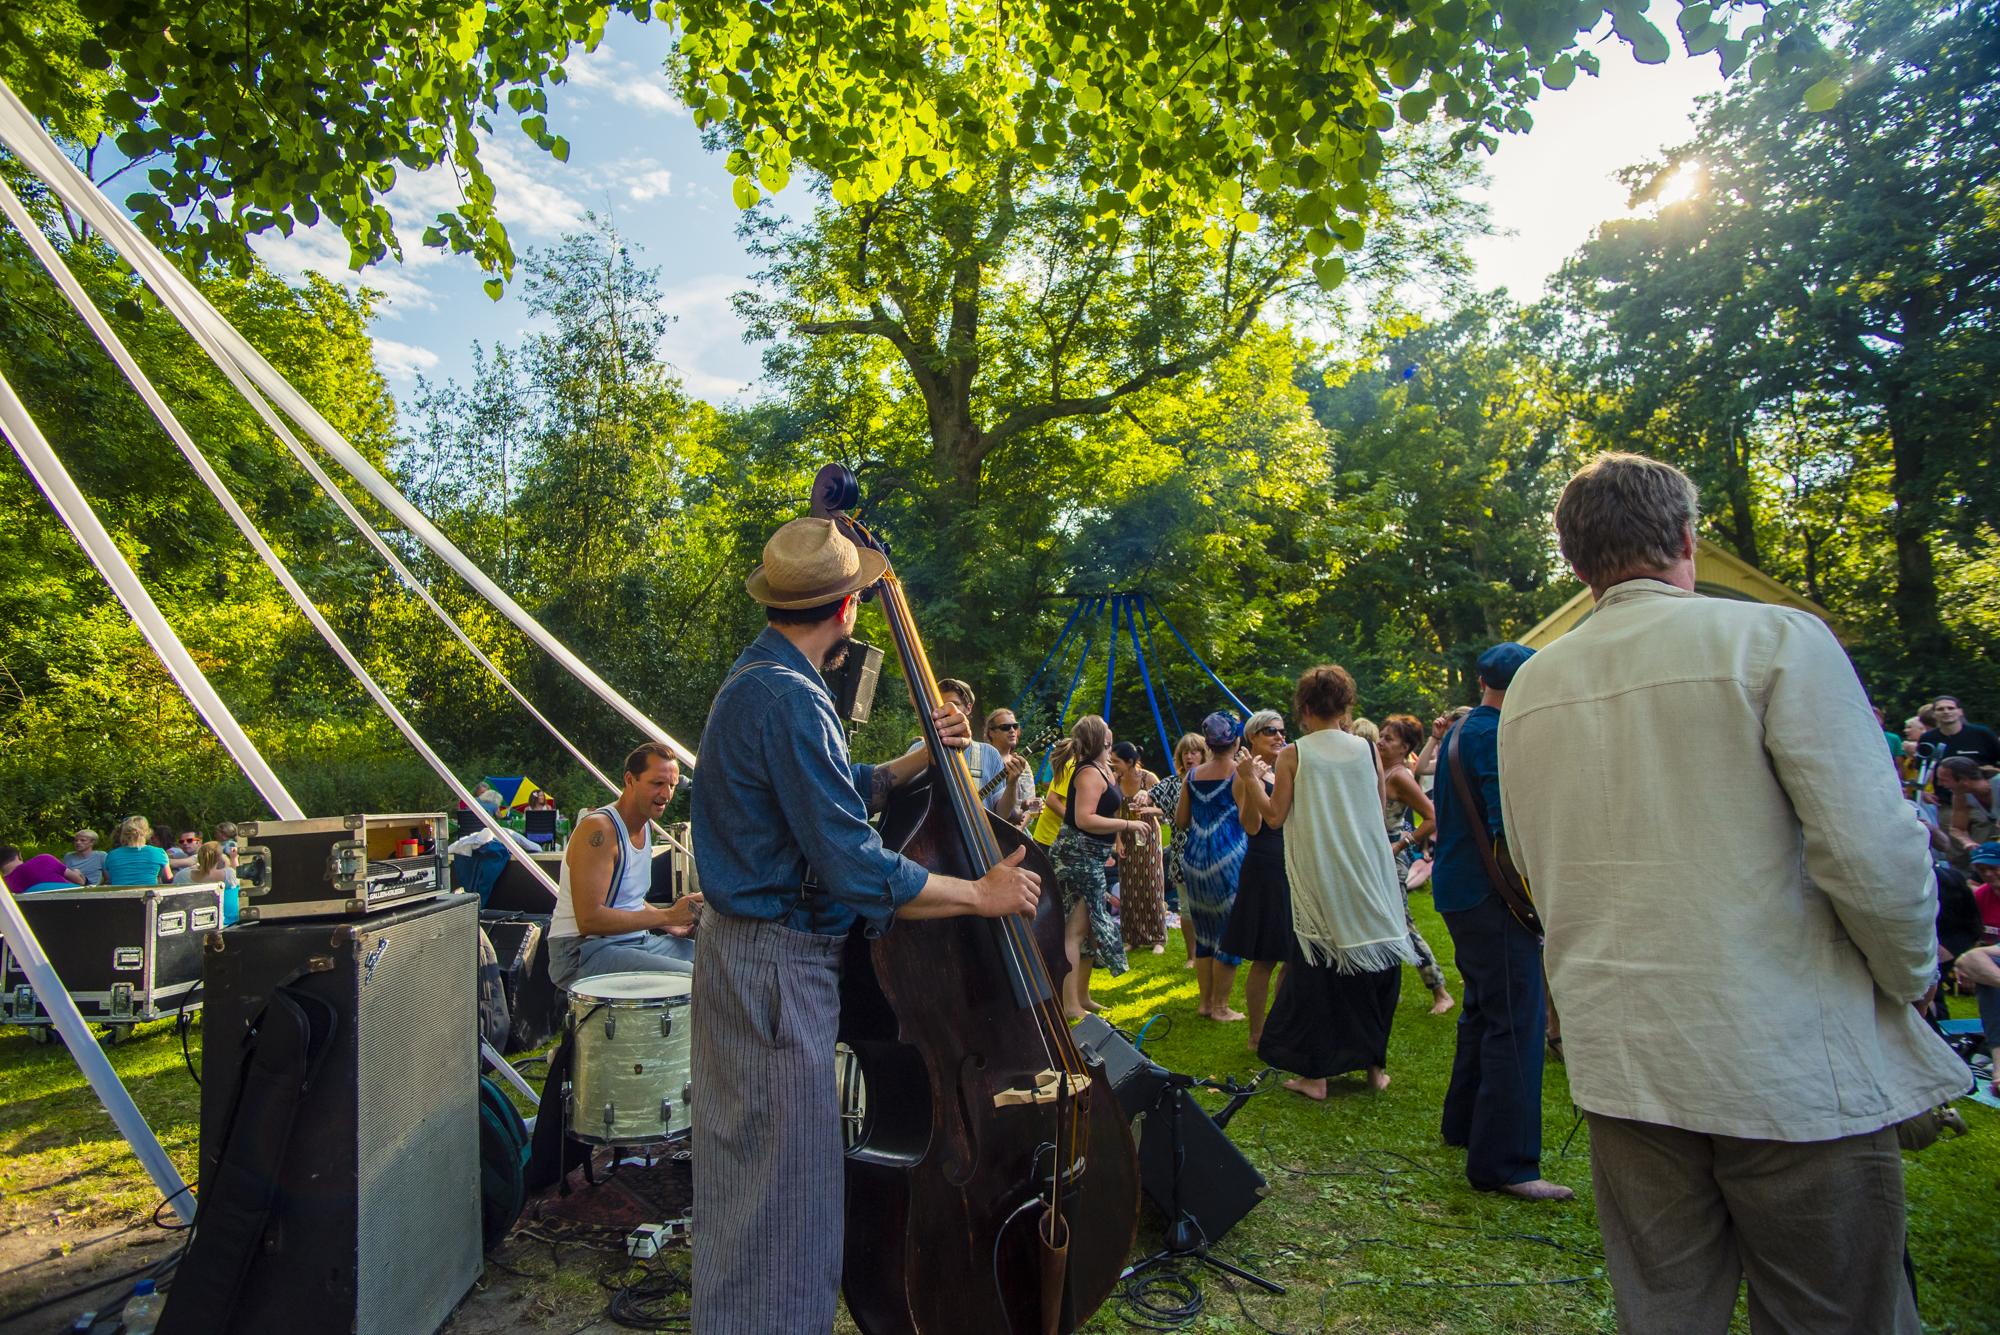 Podium onder de Boom: genieten van de lekkerste muziek onder de prachtige bomen in Cultuurpark de Hout. (aangeleverde foto)